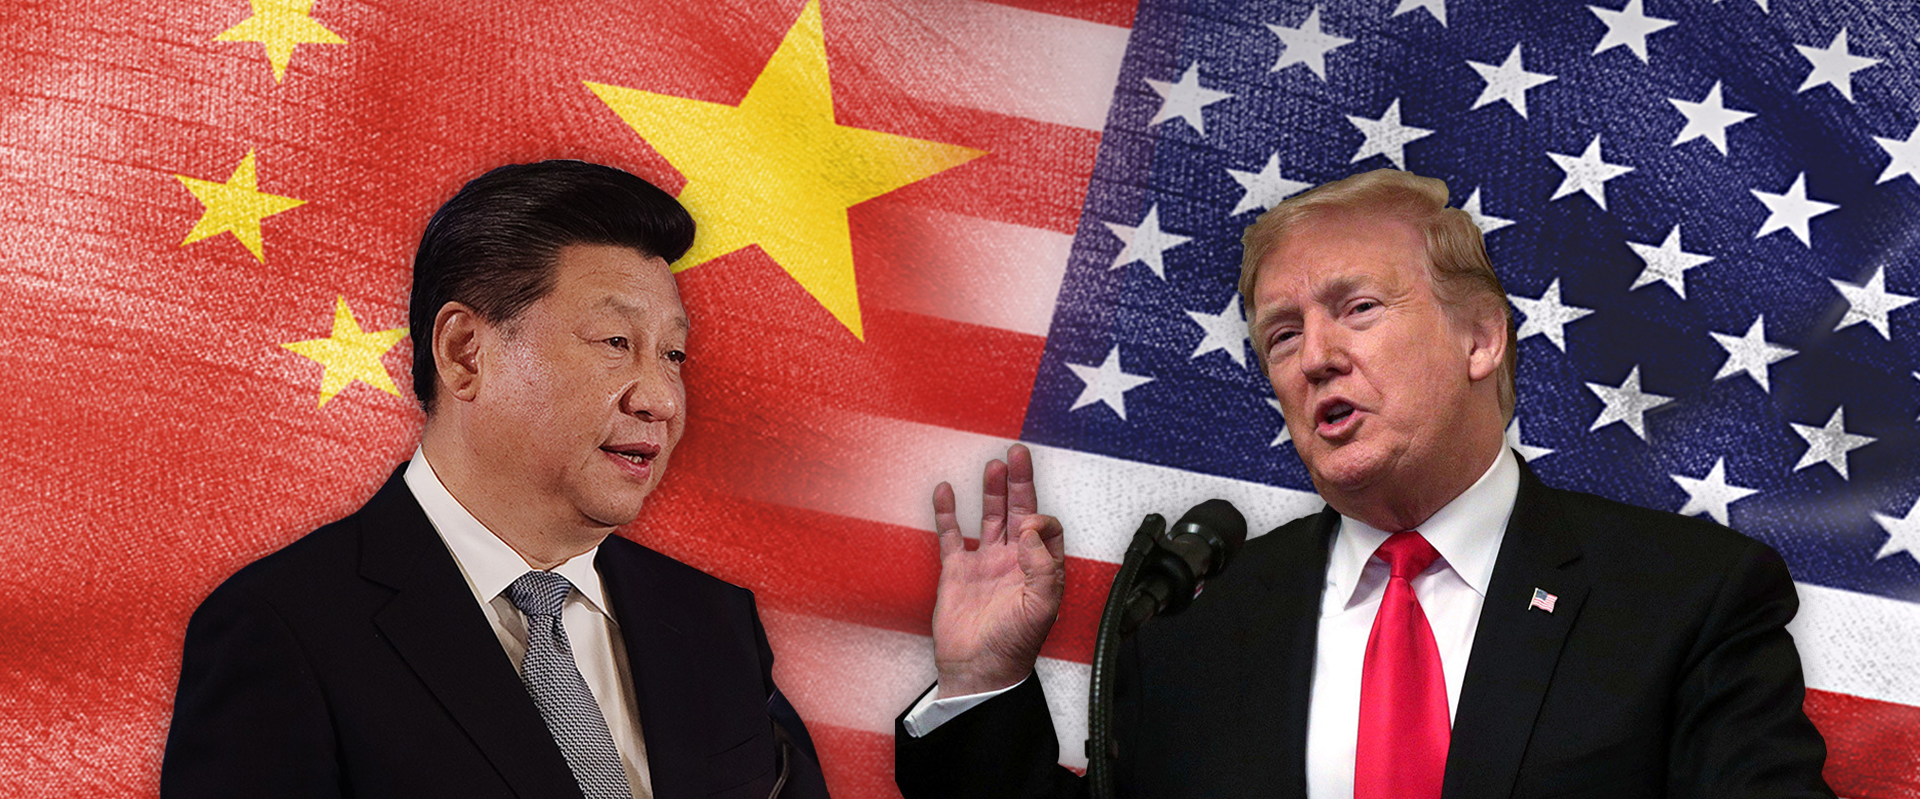 Kết quả hình ảnh cho người dân Trung Quốc giảm du lịch vì chiến tranh thương mại